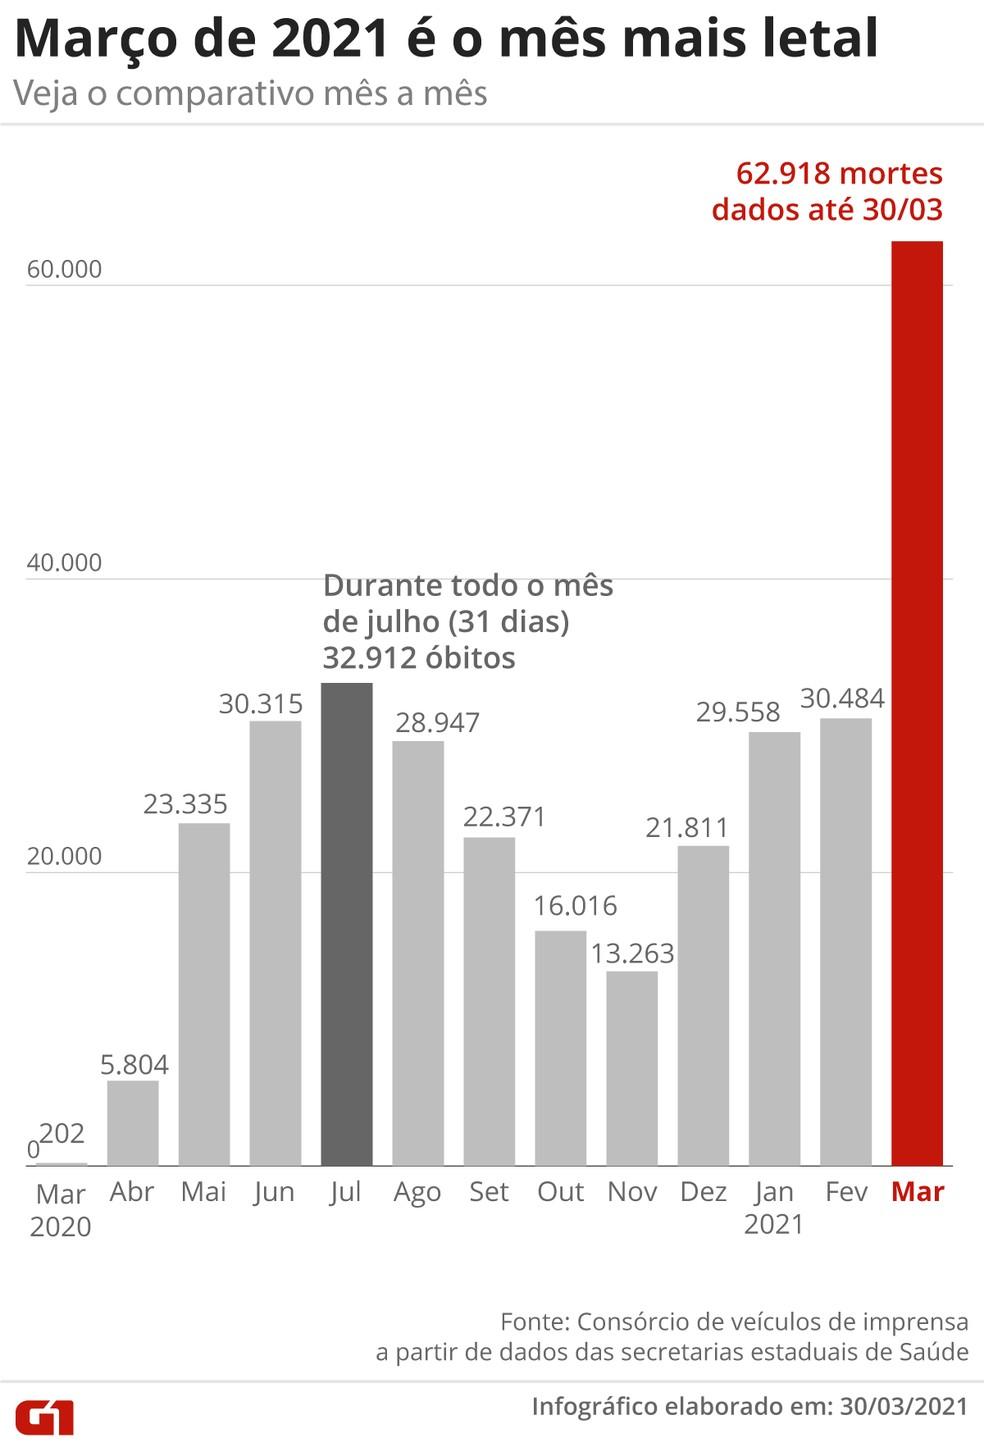 Pior mês da pandemia até aqui, março já tem quase o dobro de mortes de julho e 2020, o segundo pior mês — Foto: Editoria de Arte/G1